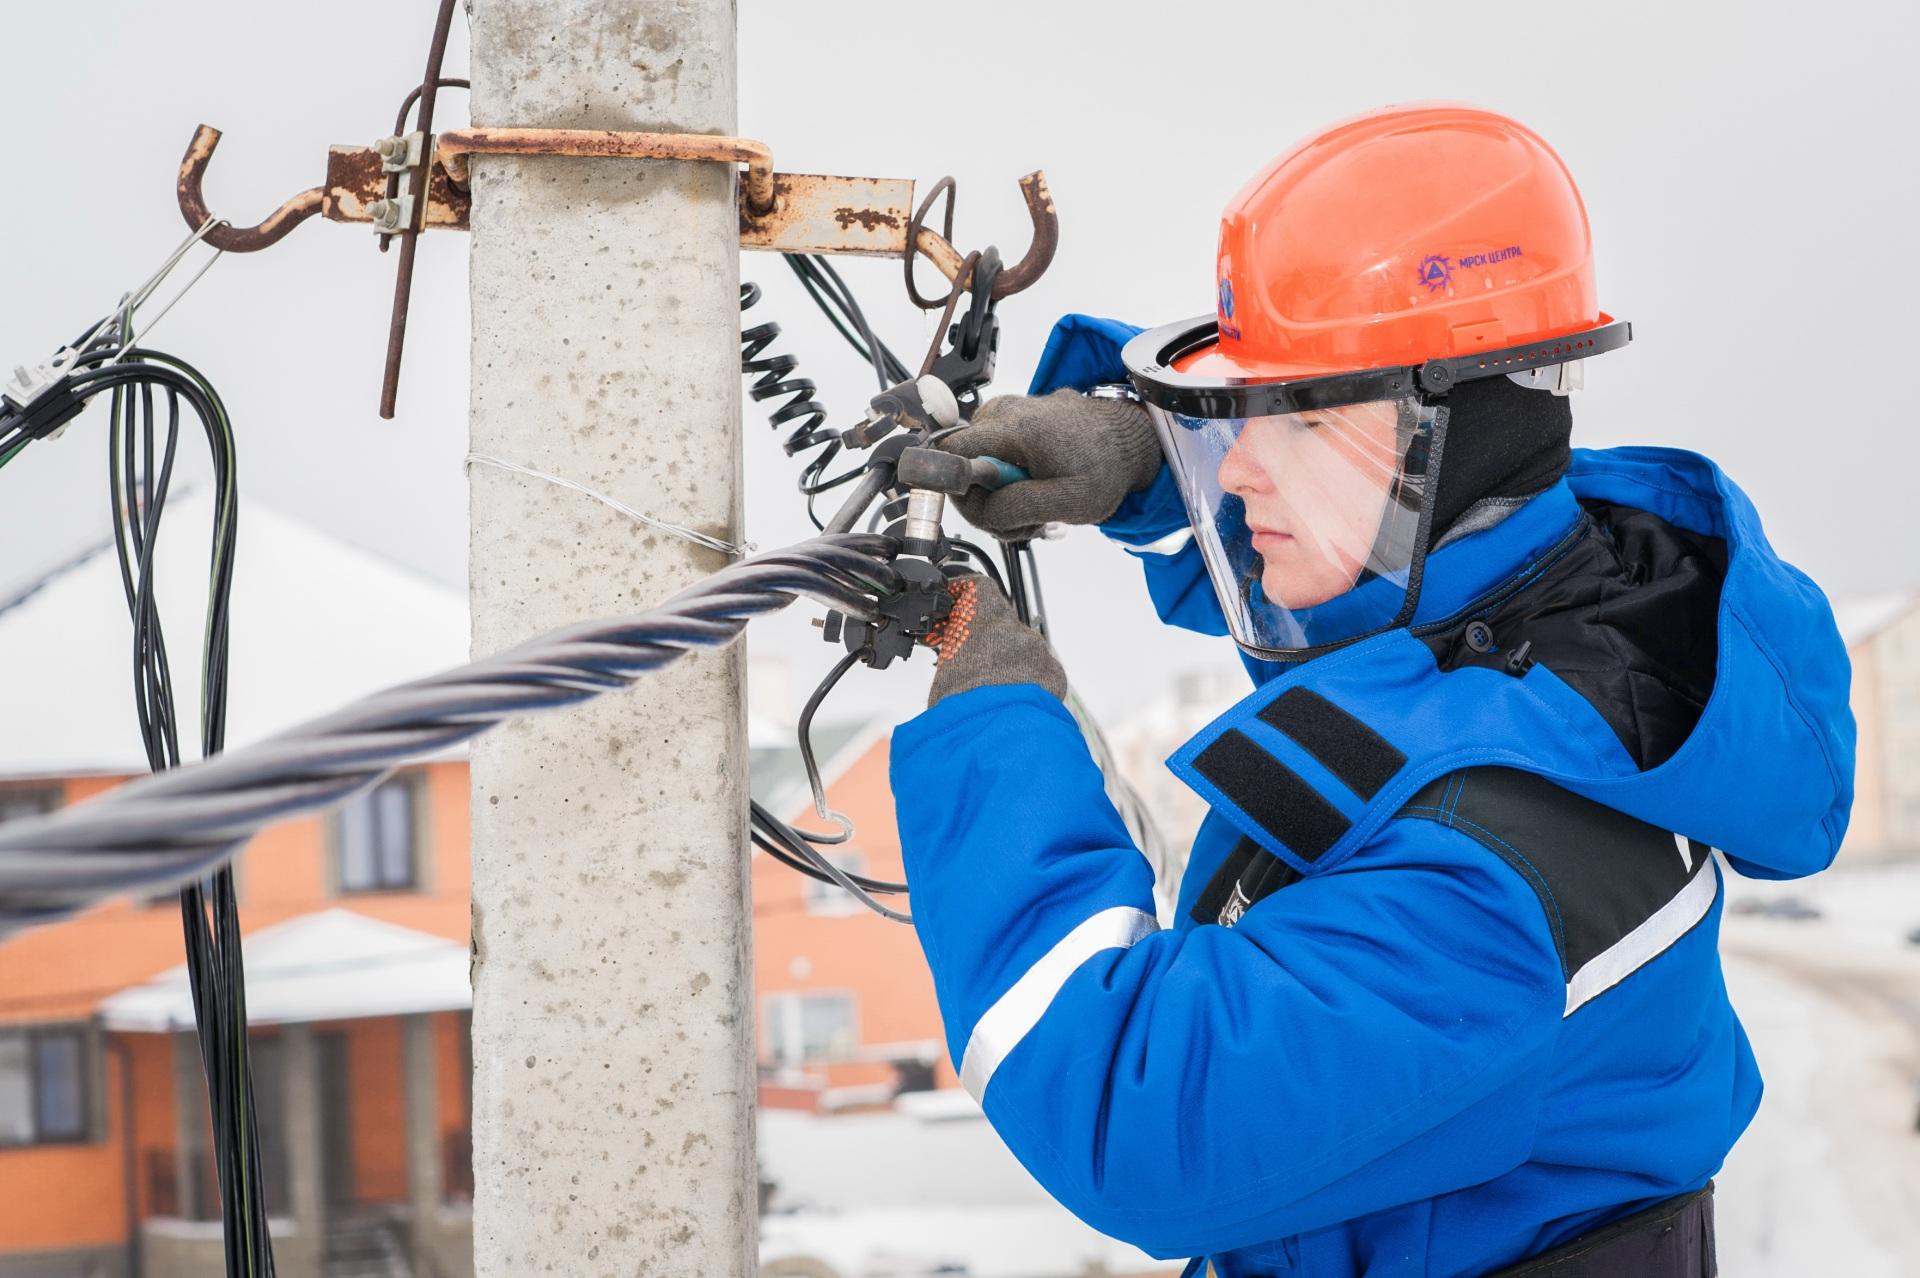 За сутки в двух муниципалитетах Коми наблюдались перебои с электроснабжением